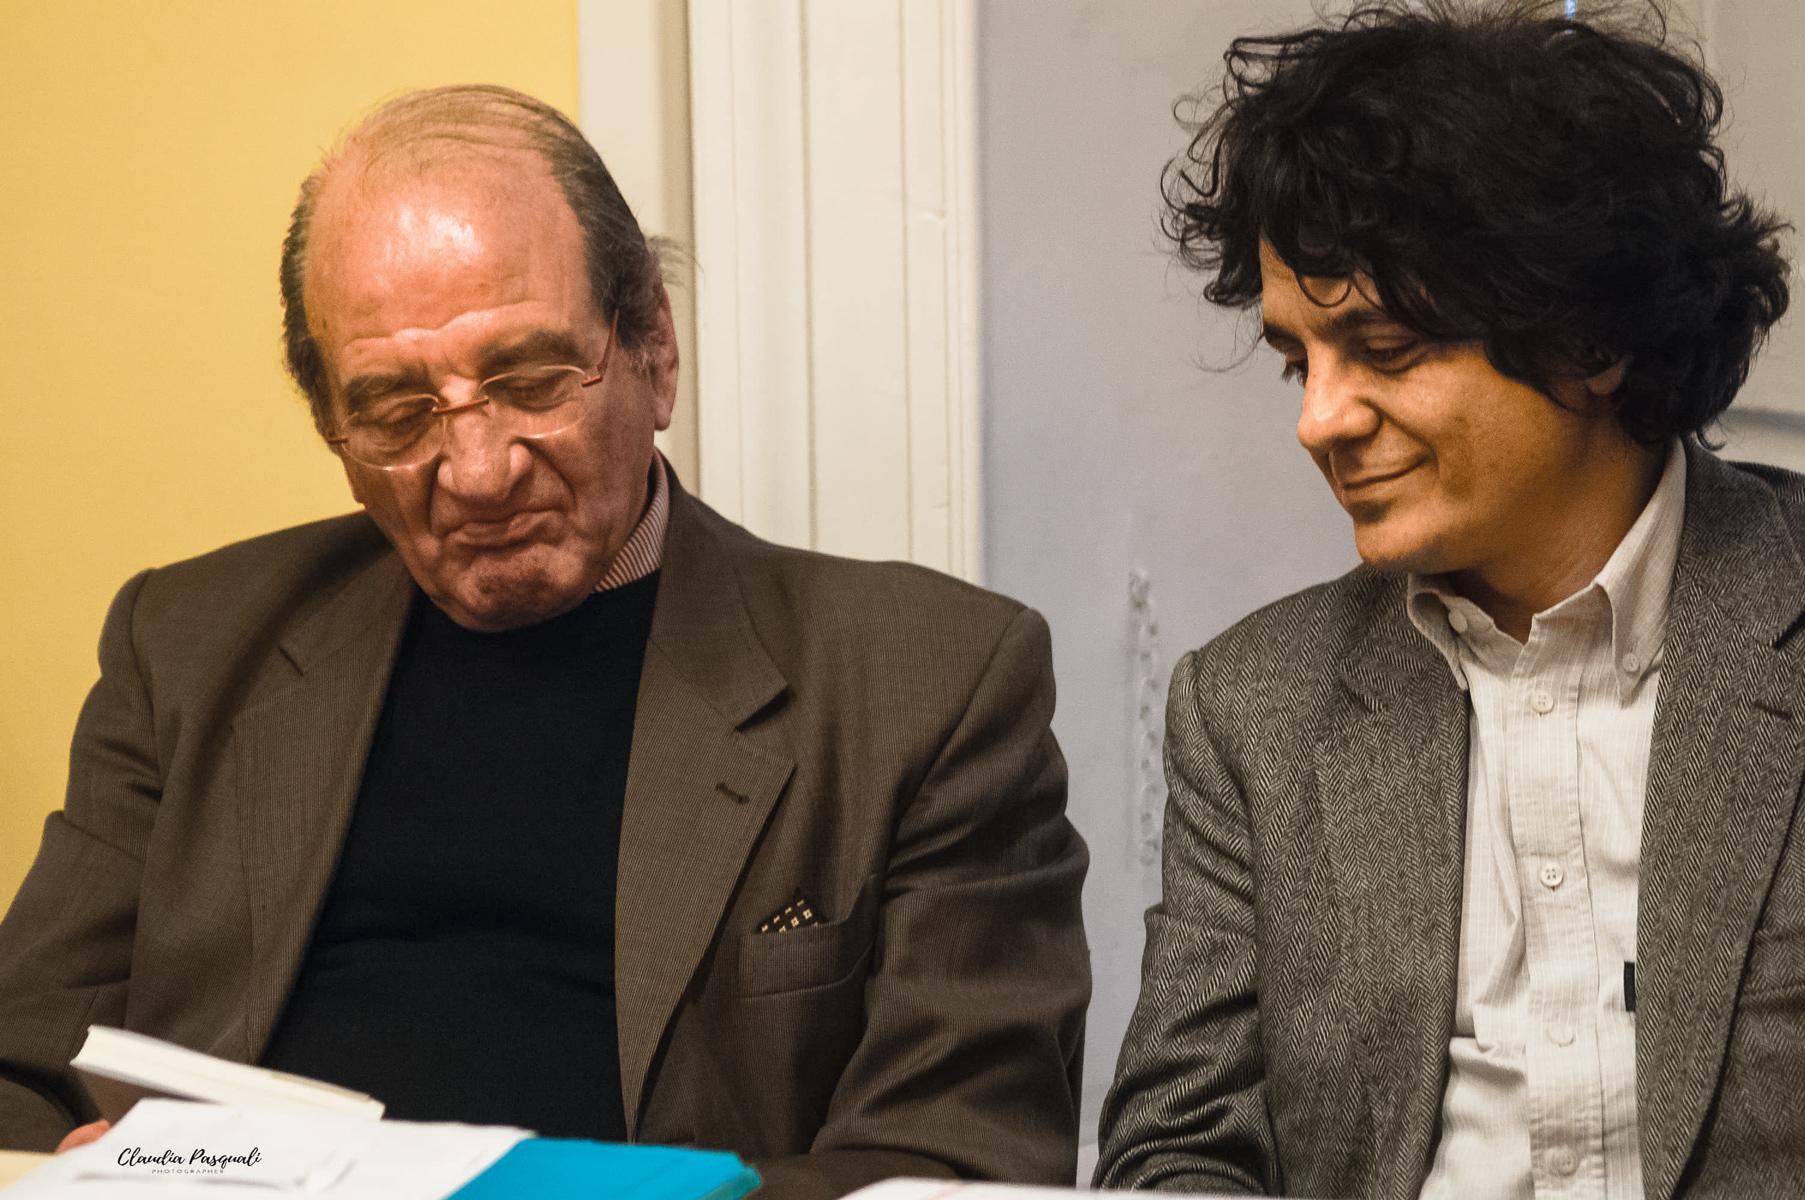 Presentazione del libro Transiberiana di Vittorio Russo. Da sinistra: Vittorio Russo e l'editore Sandro Teti